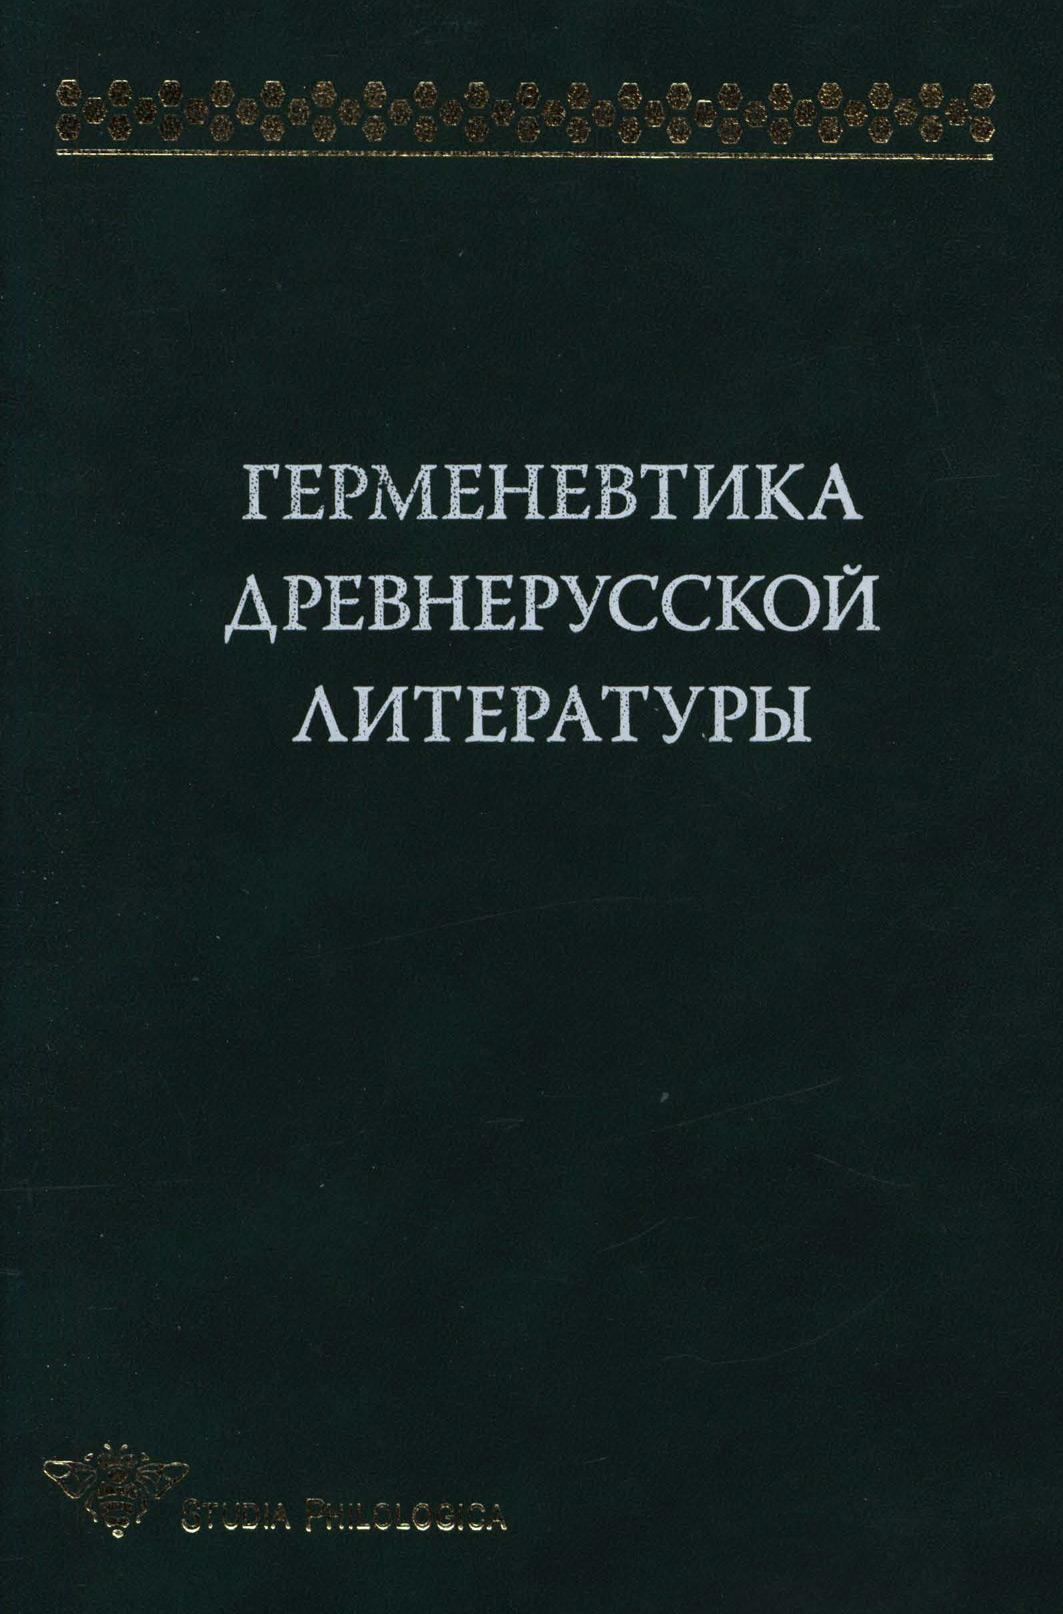 Коллектив авторов Герменевтика древнерусской литературы. Сборник 11